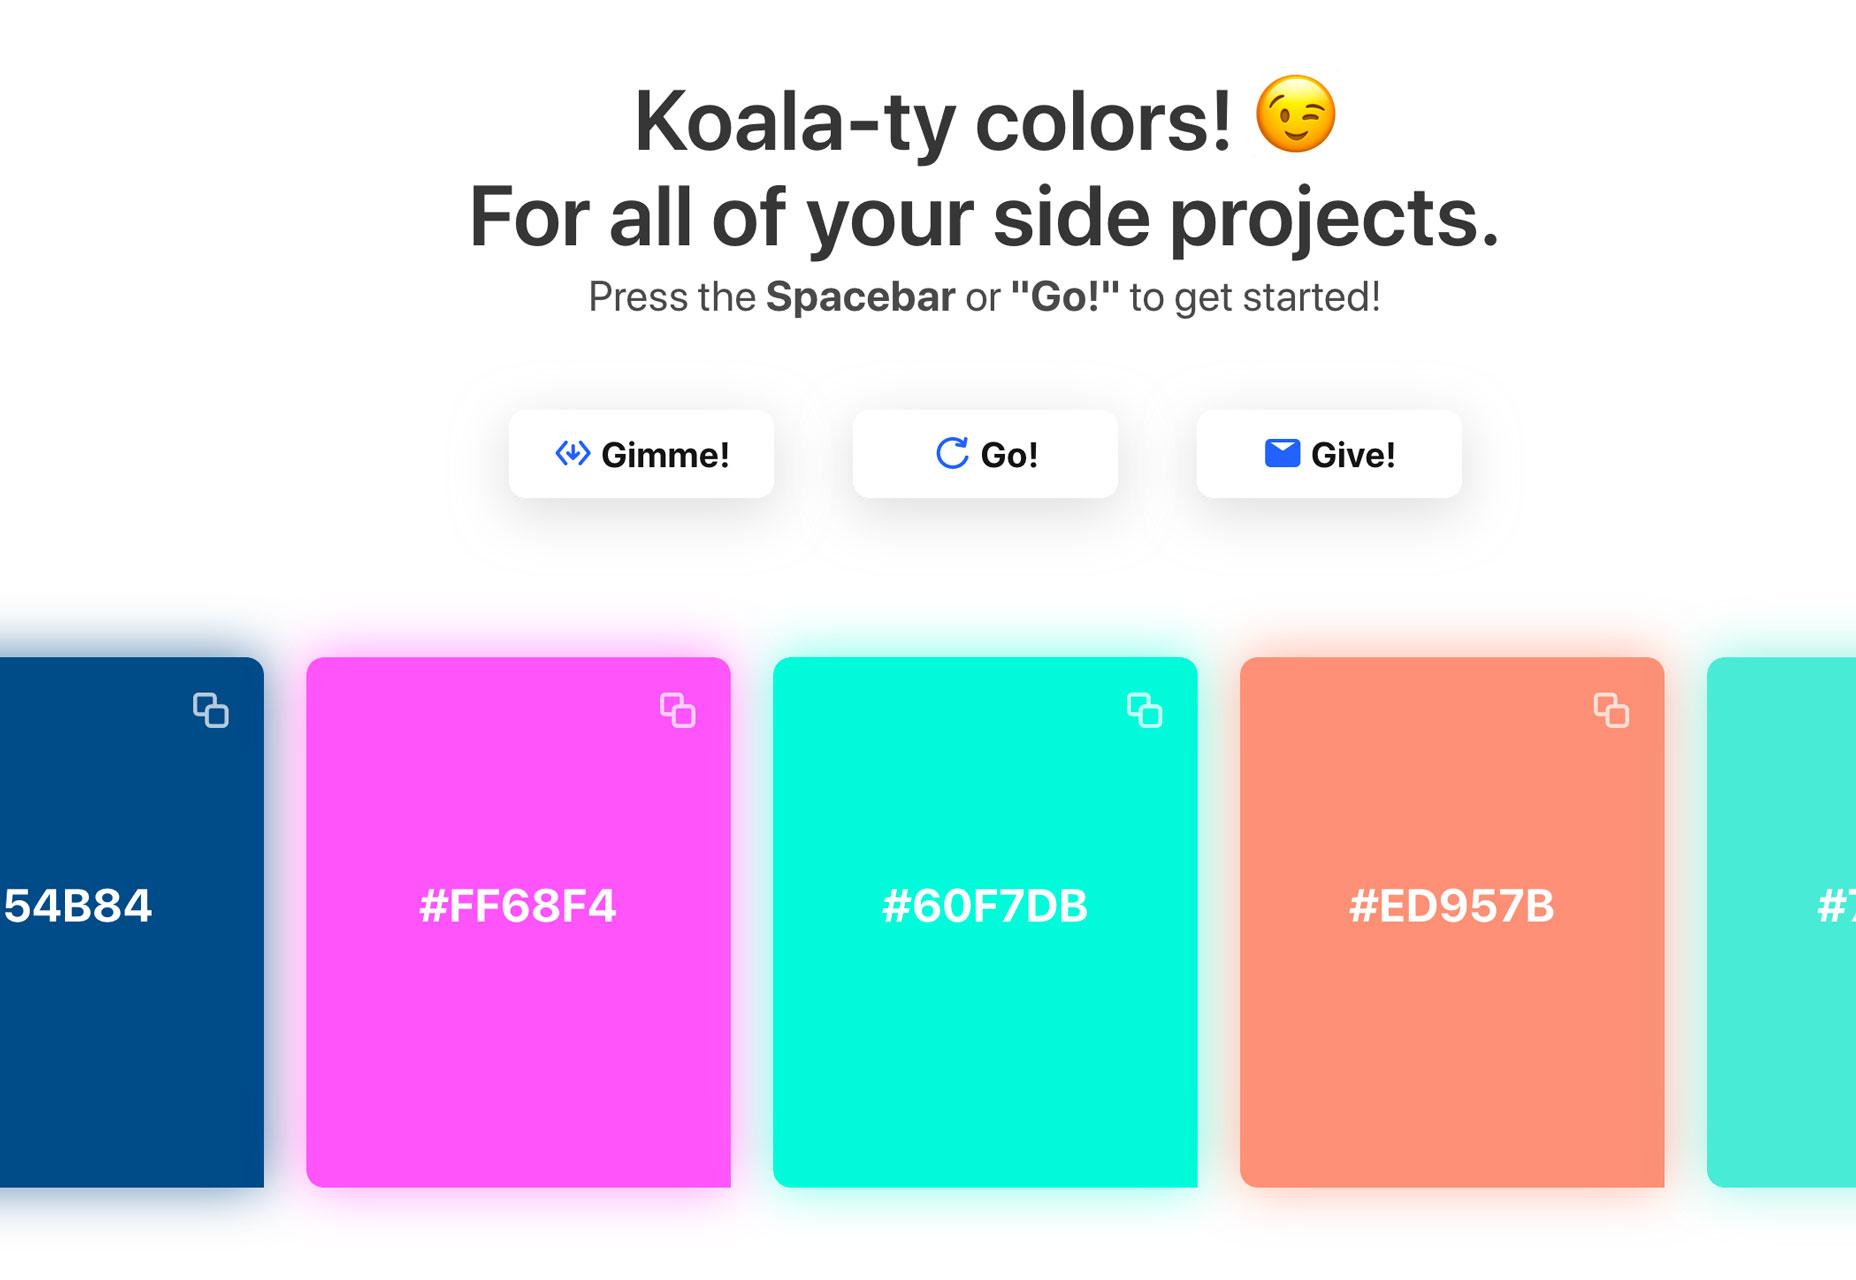 color-koala